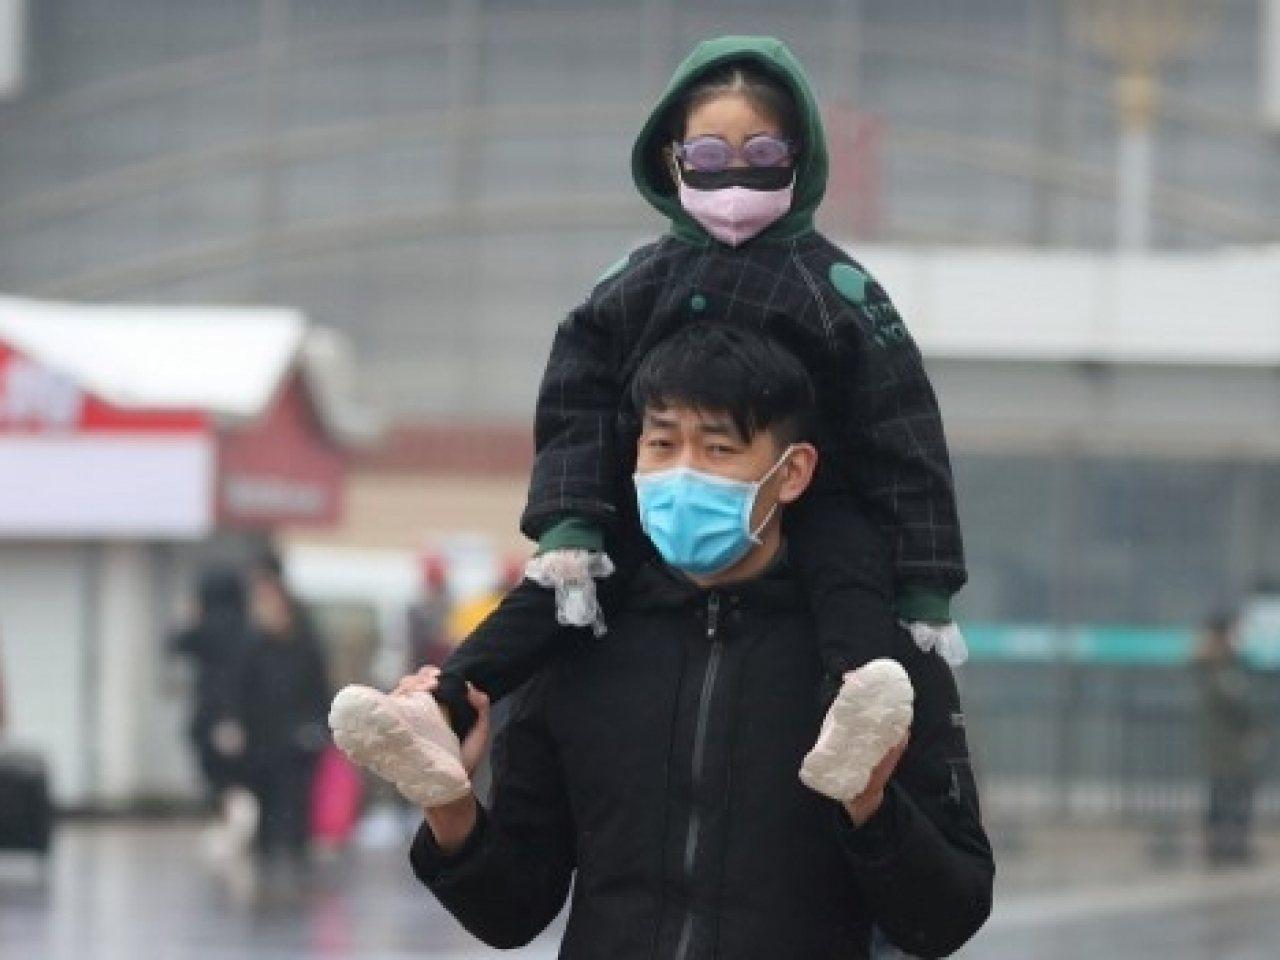 大陸武漢肺炎目前增至361人死亡,超過2003年SARS疫情的死亡人數。(法新社...